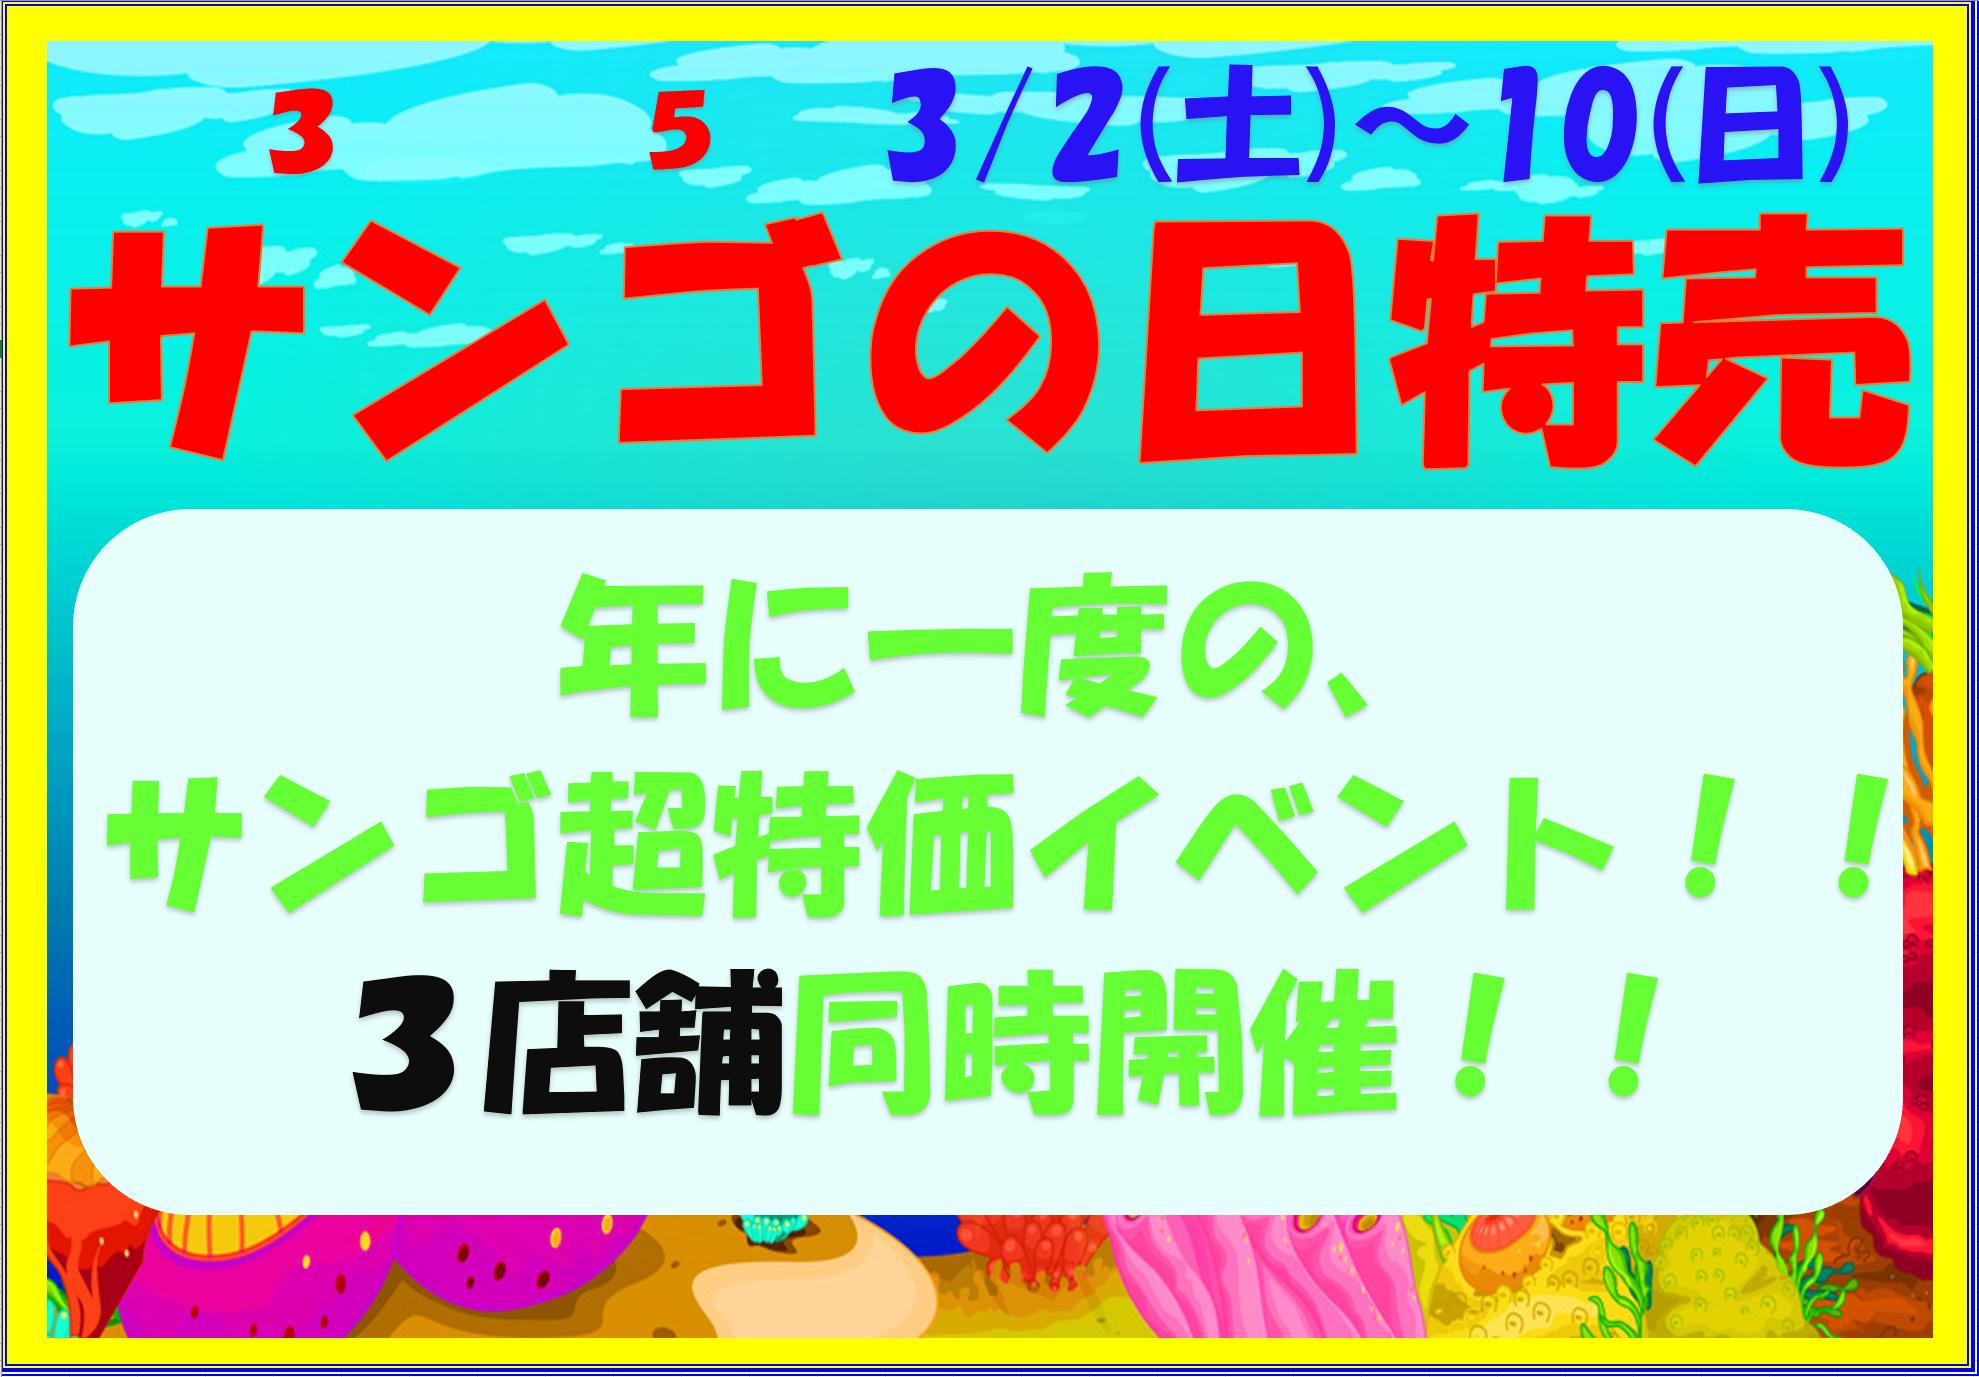 今年も開催!! サンゴの日特売!!!